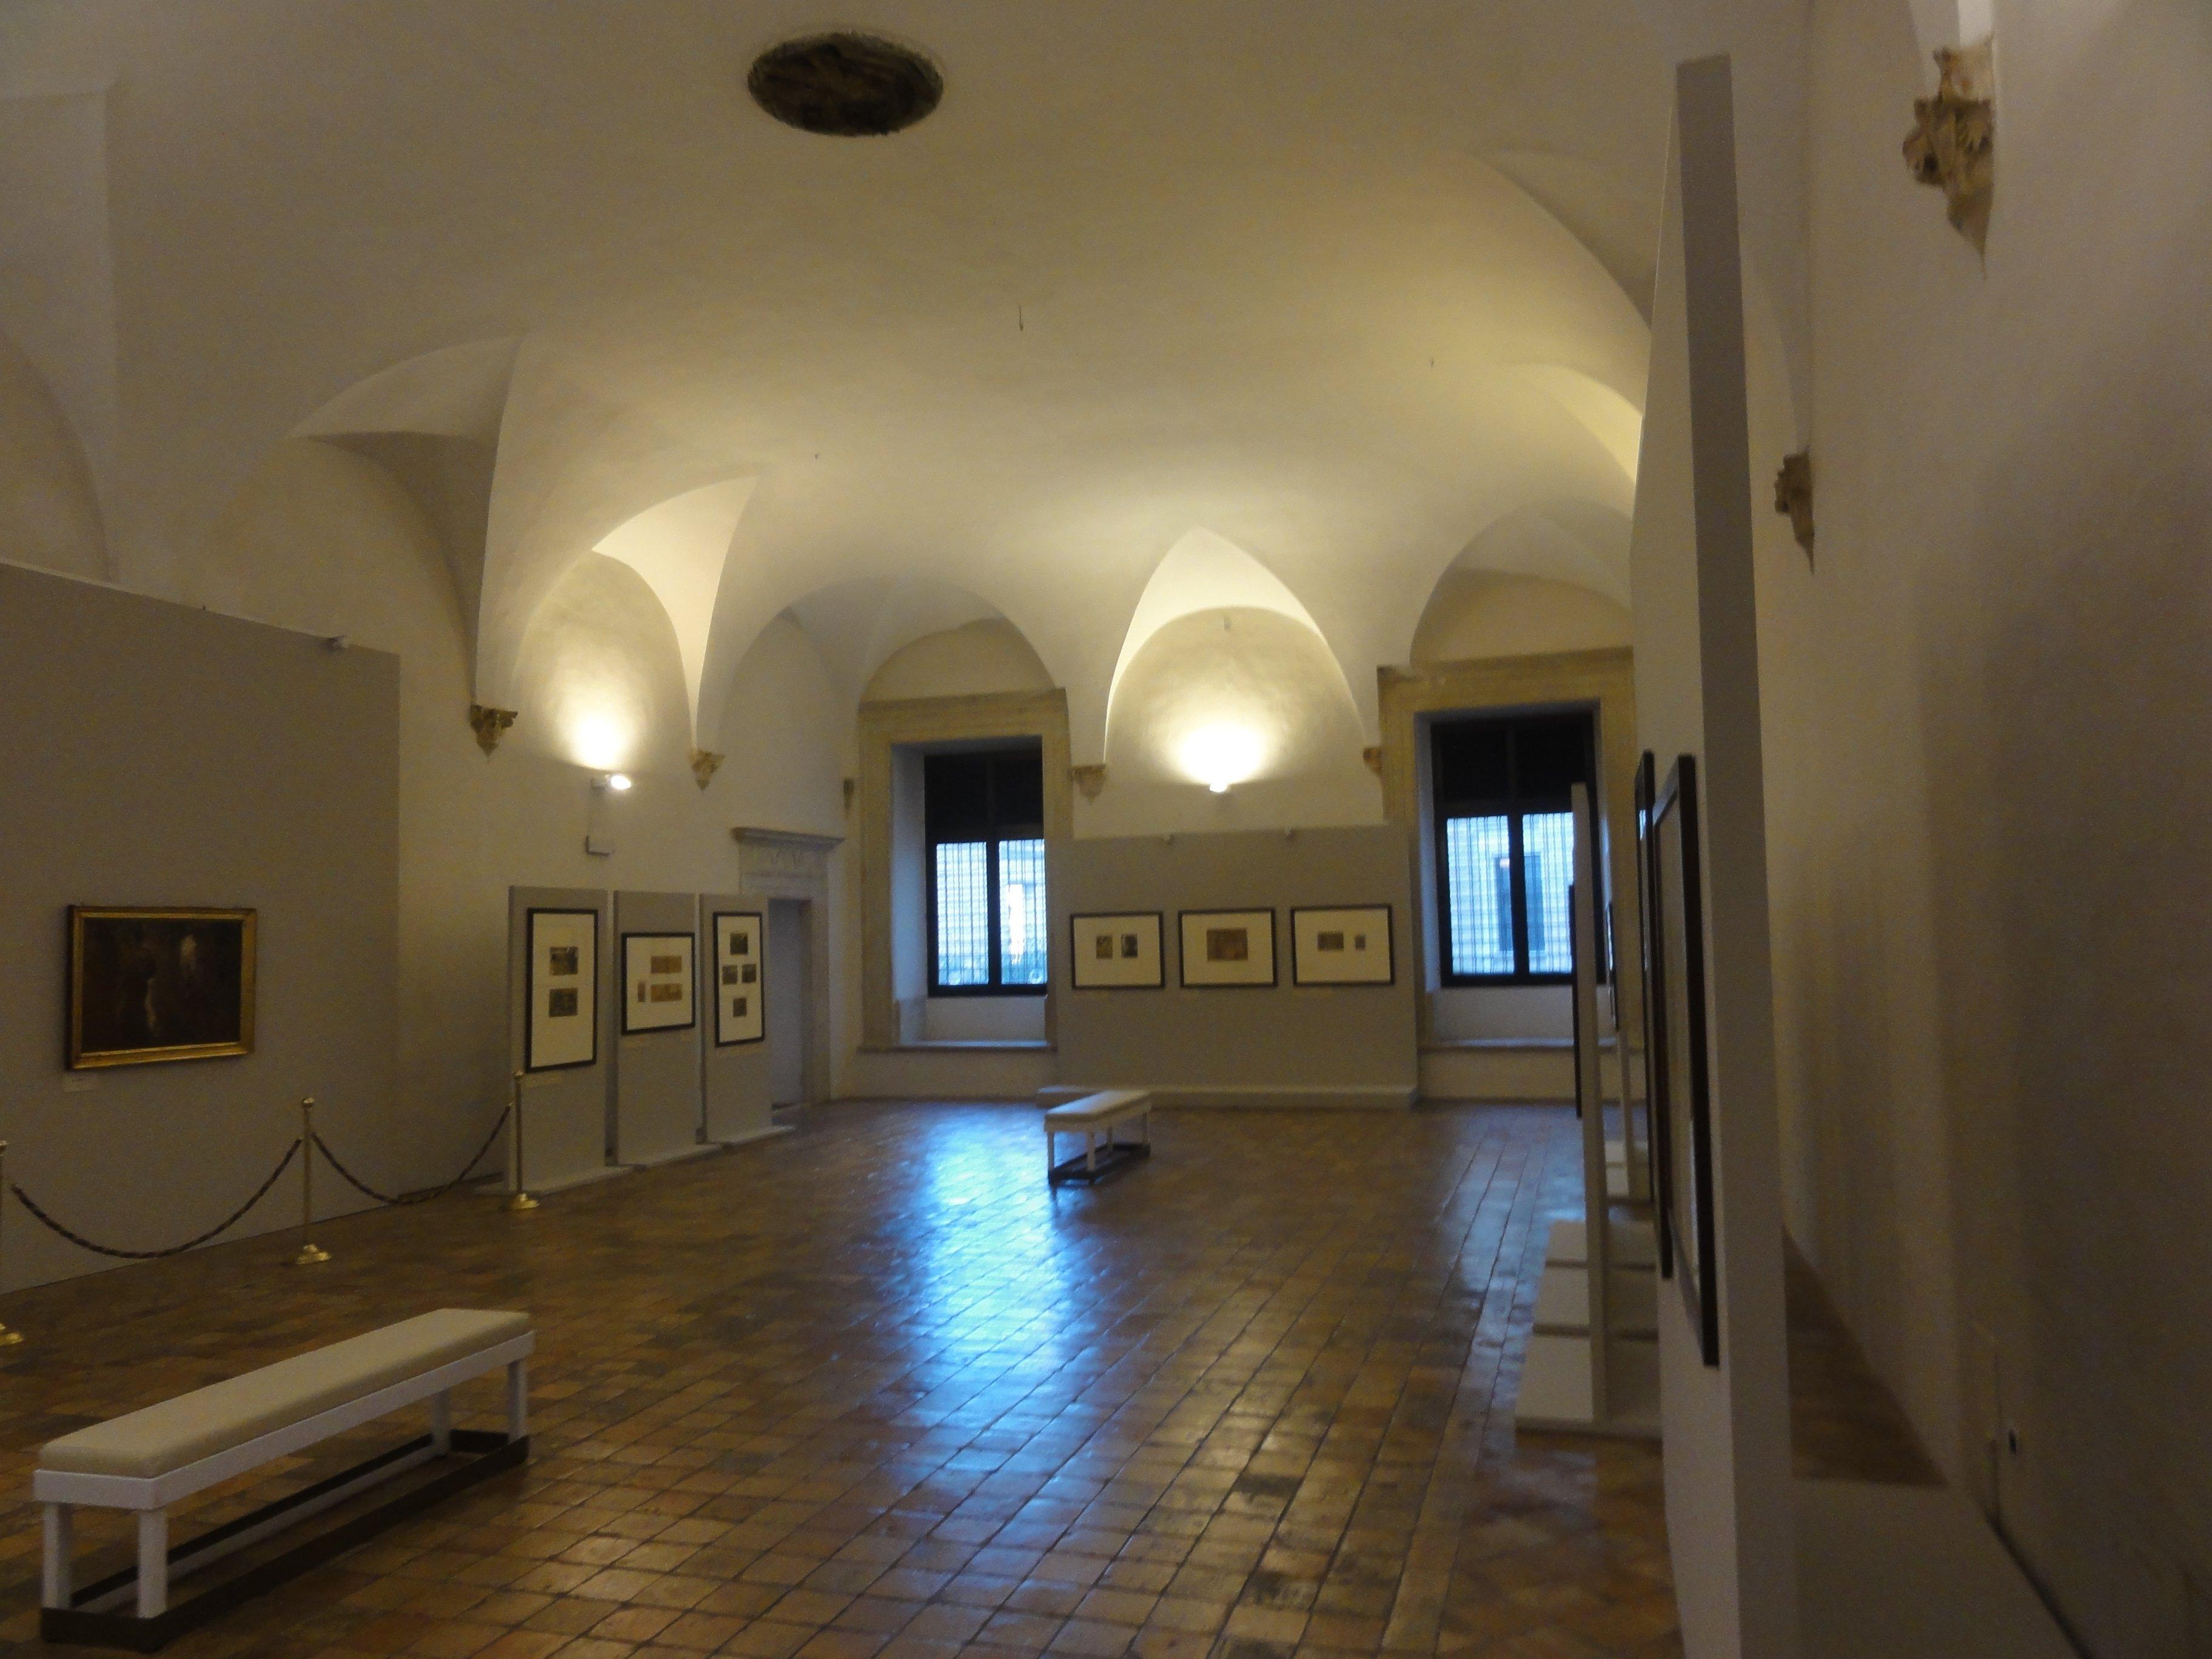 sala interna di un museo con quadri appesi